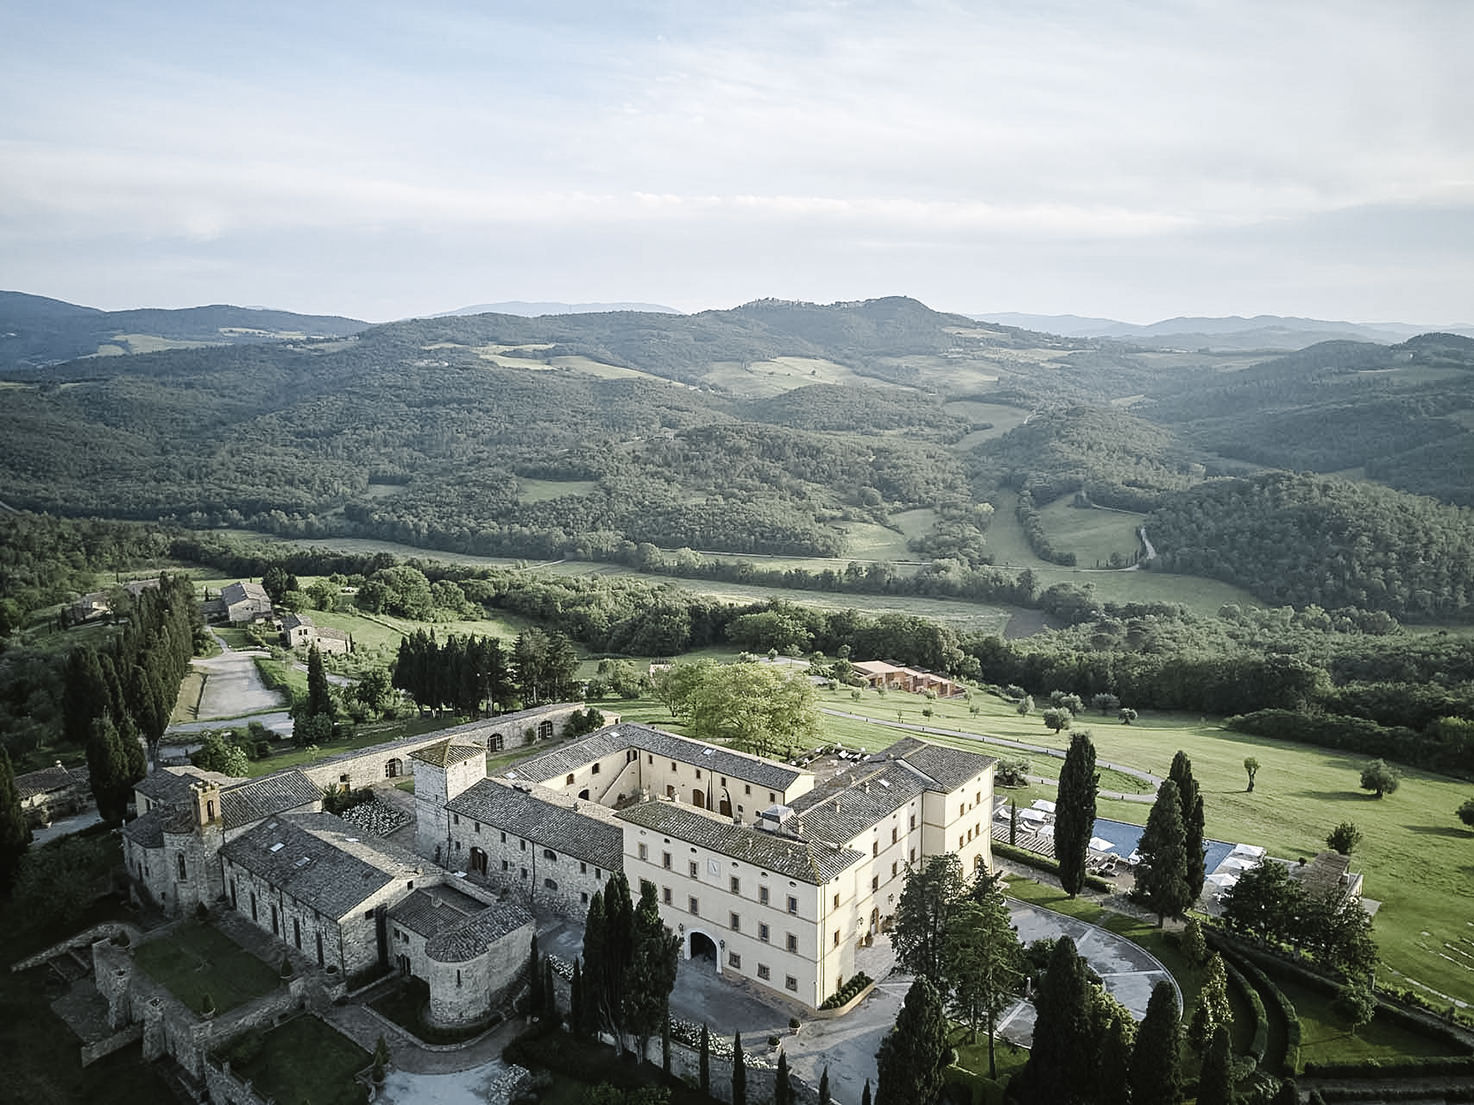 Aerial view of Castello di Casole